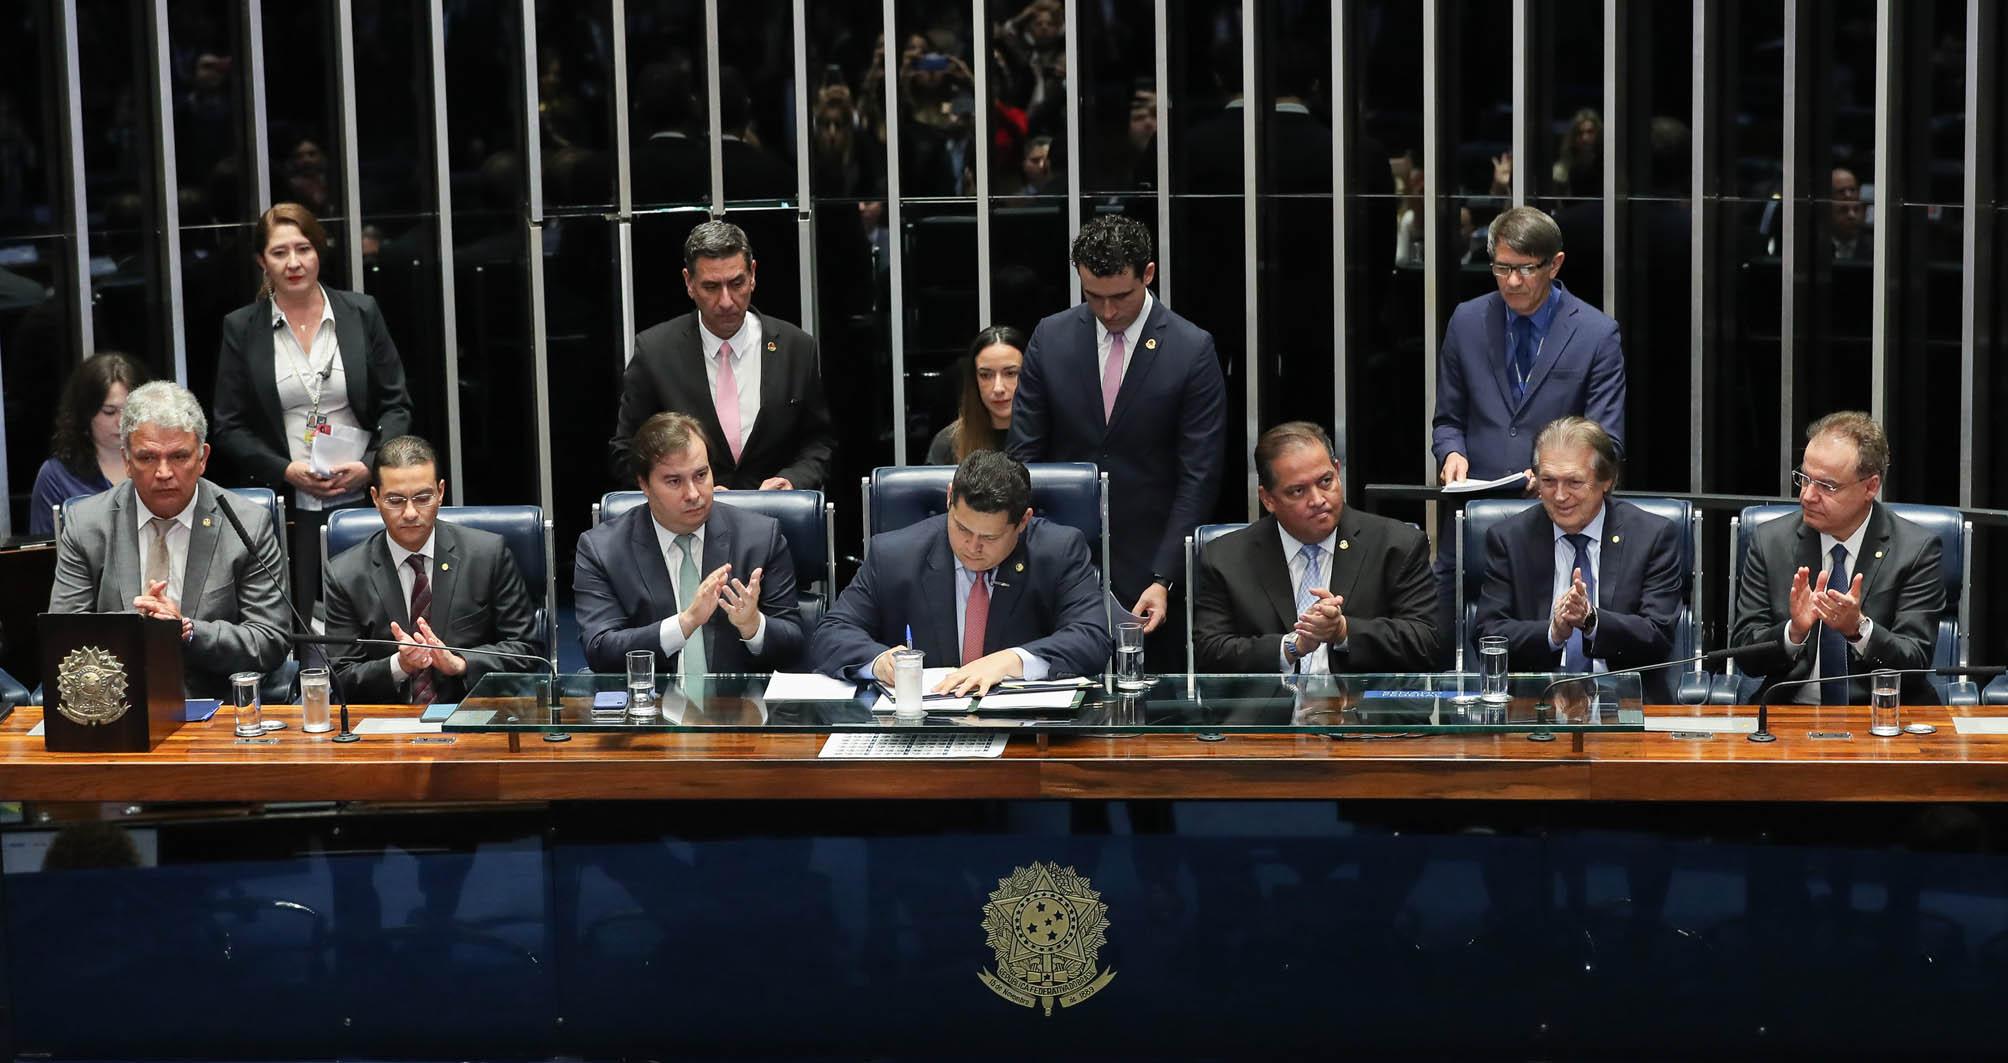 Dans l'image, des parlementaires autour de la table du Congrès national. contenu sur la réforme des retraites dans les États et les municipalités.